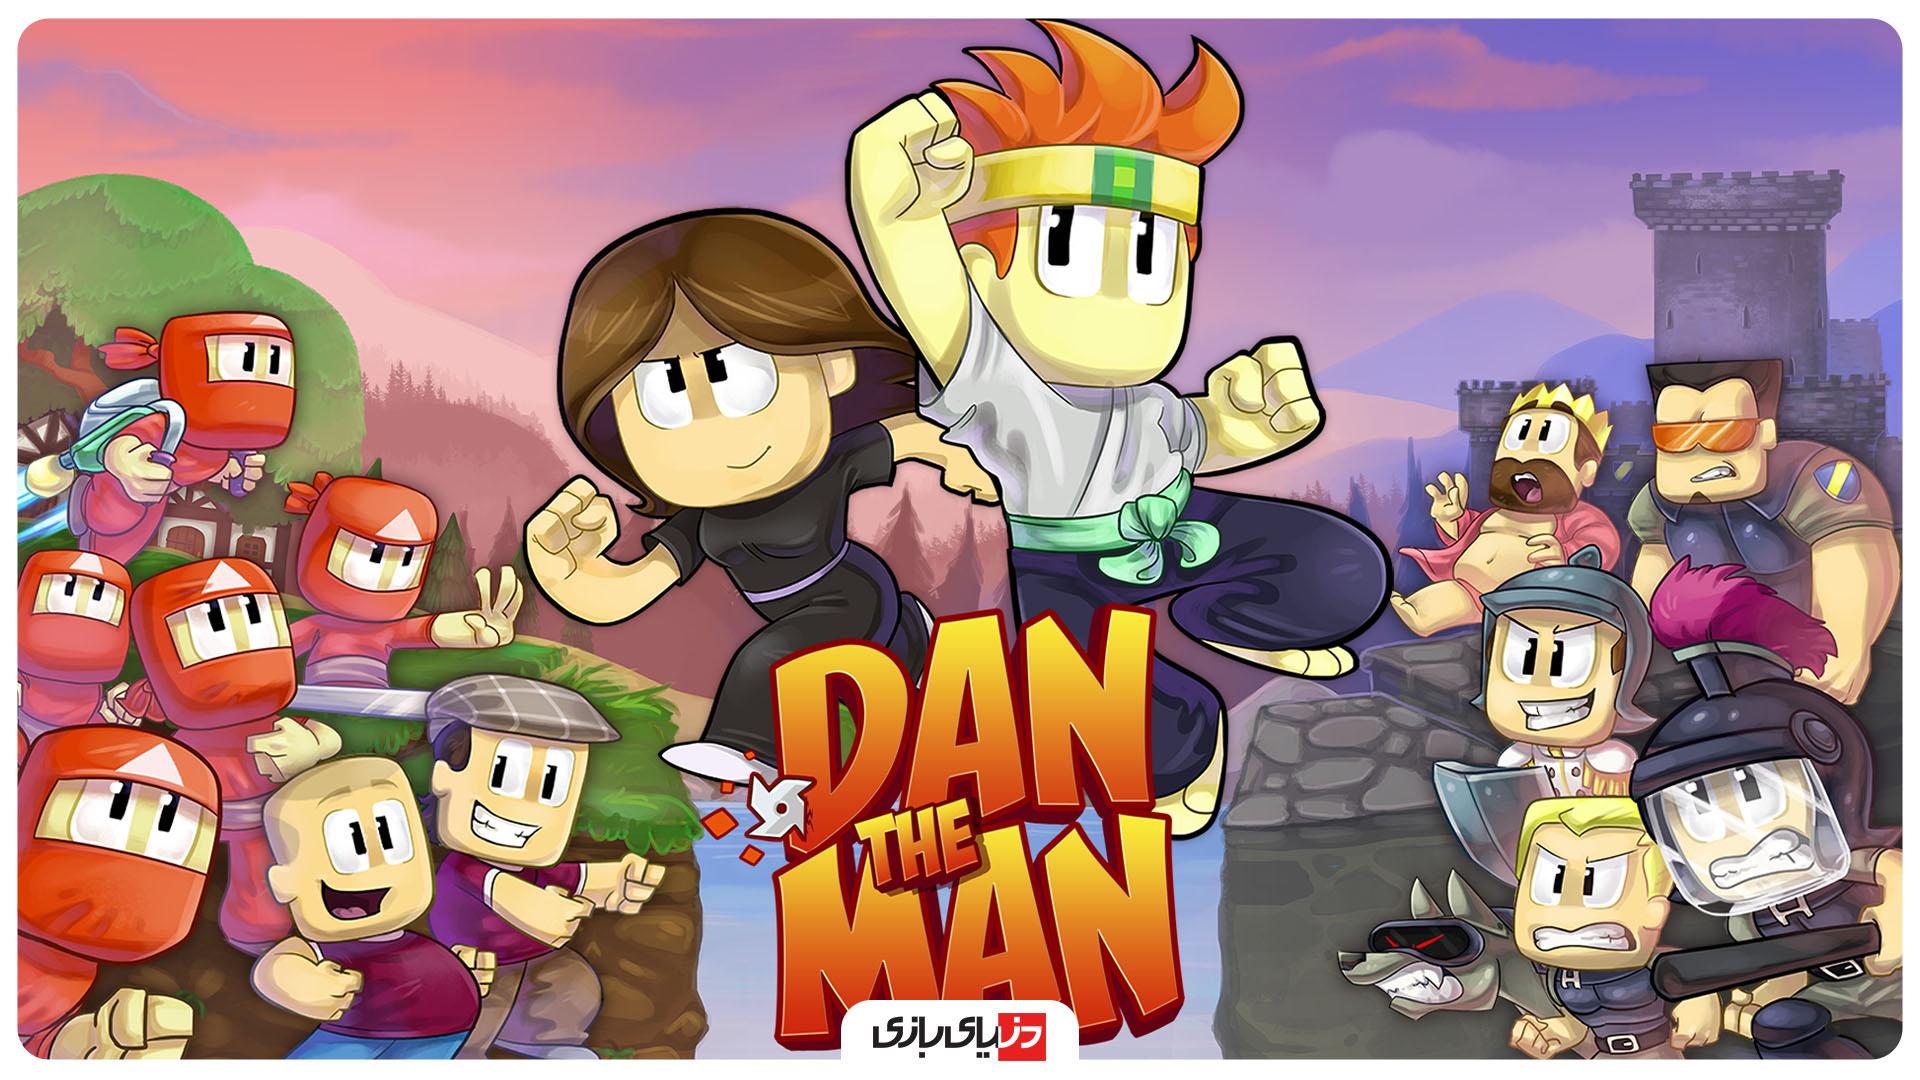 بازی Dan the man